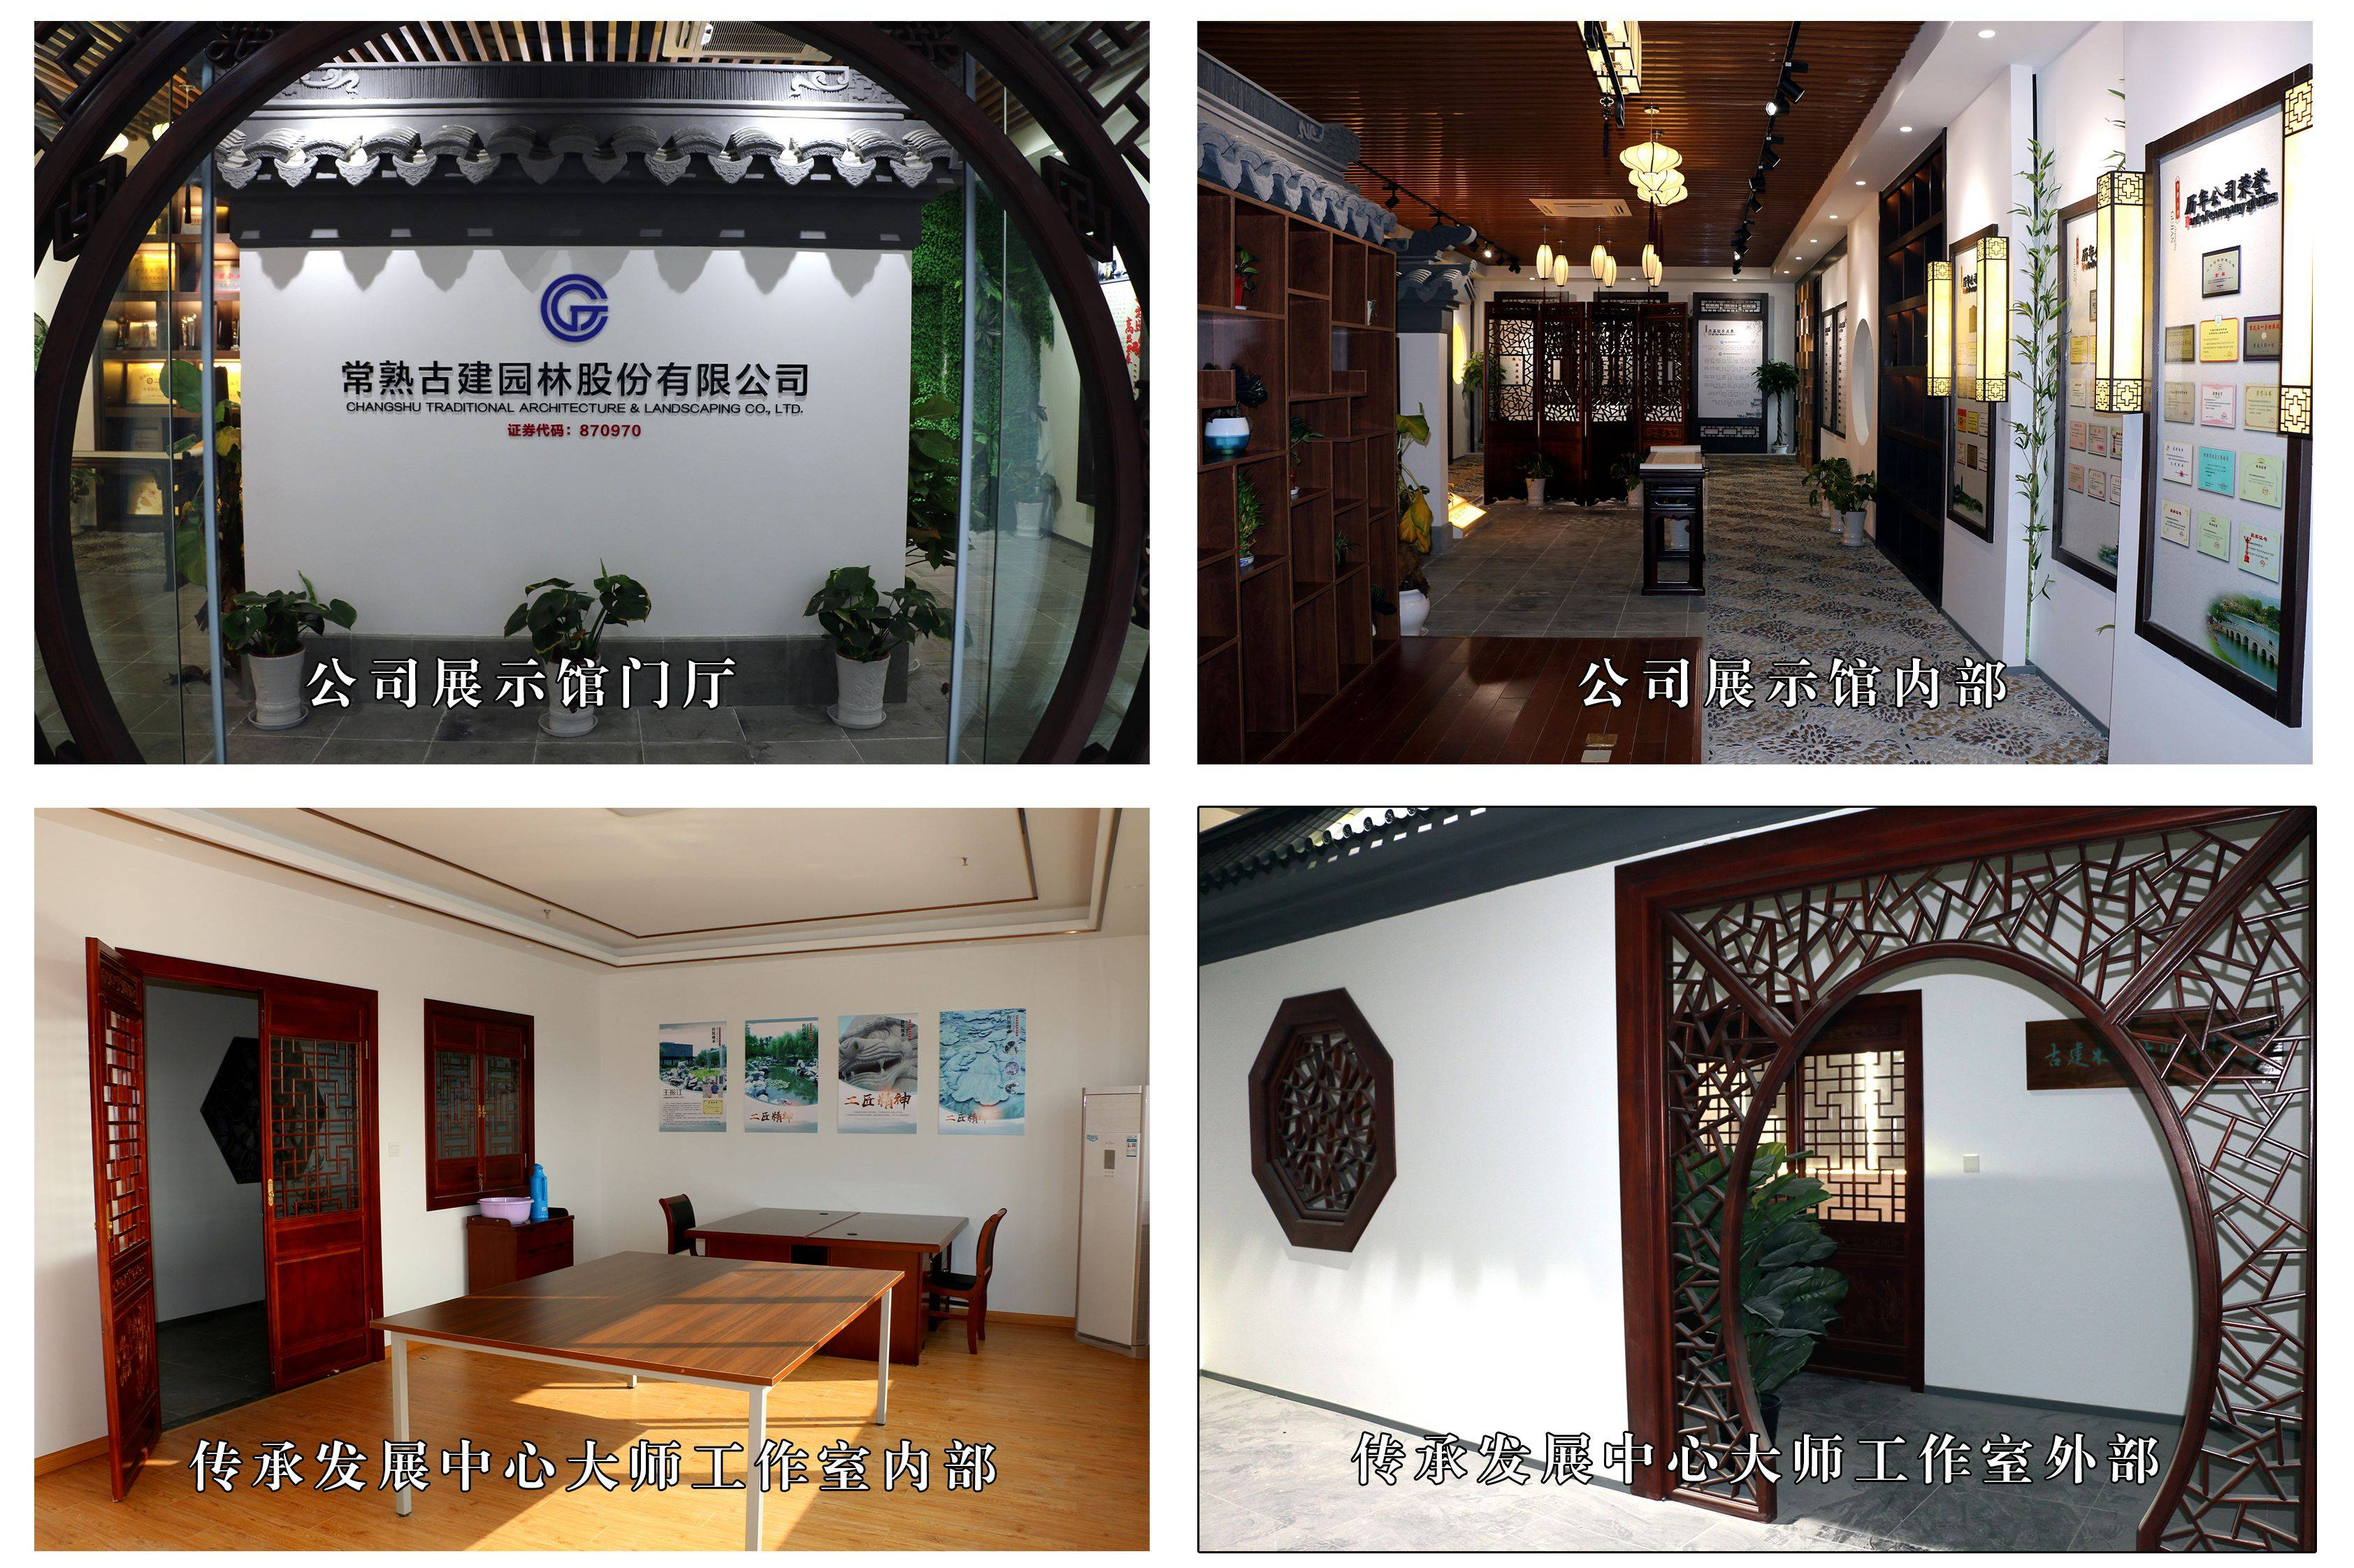 公司展示馆与传承发展中心大师工作室_副本.jpg